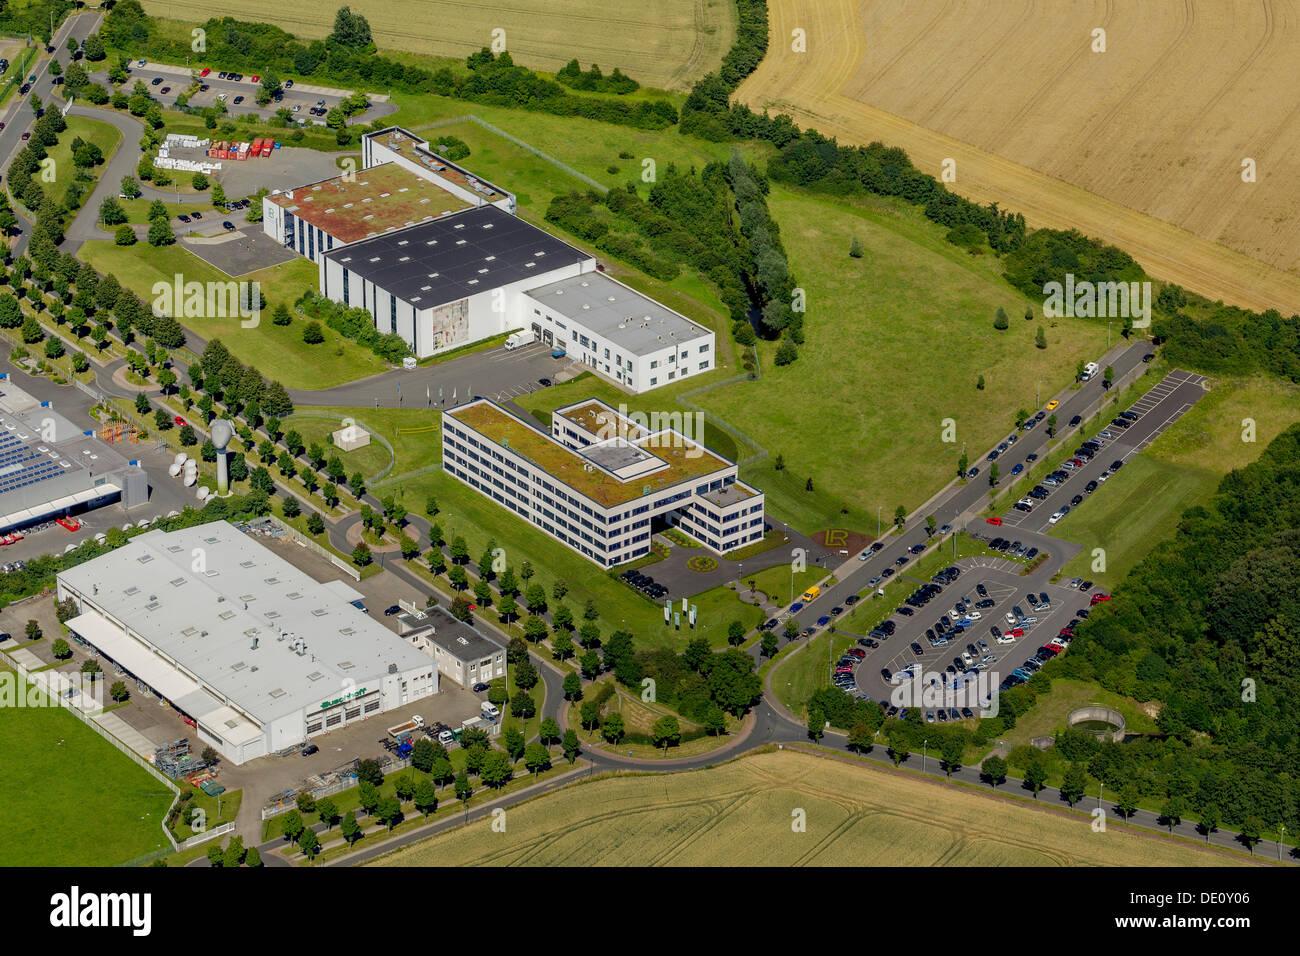 Vista aerea, LR Health & Beauty Systems GmbH, Olfetal Industrial Estate, Ahlen, la zona della Ruhr, Renania settentrionale-Vestfalia Immagini Stock